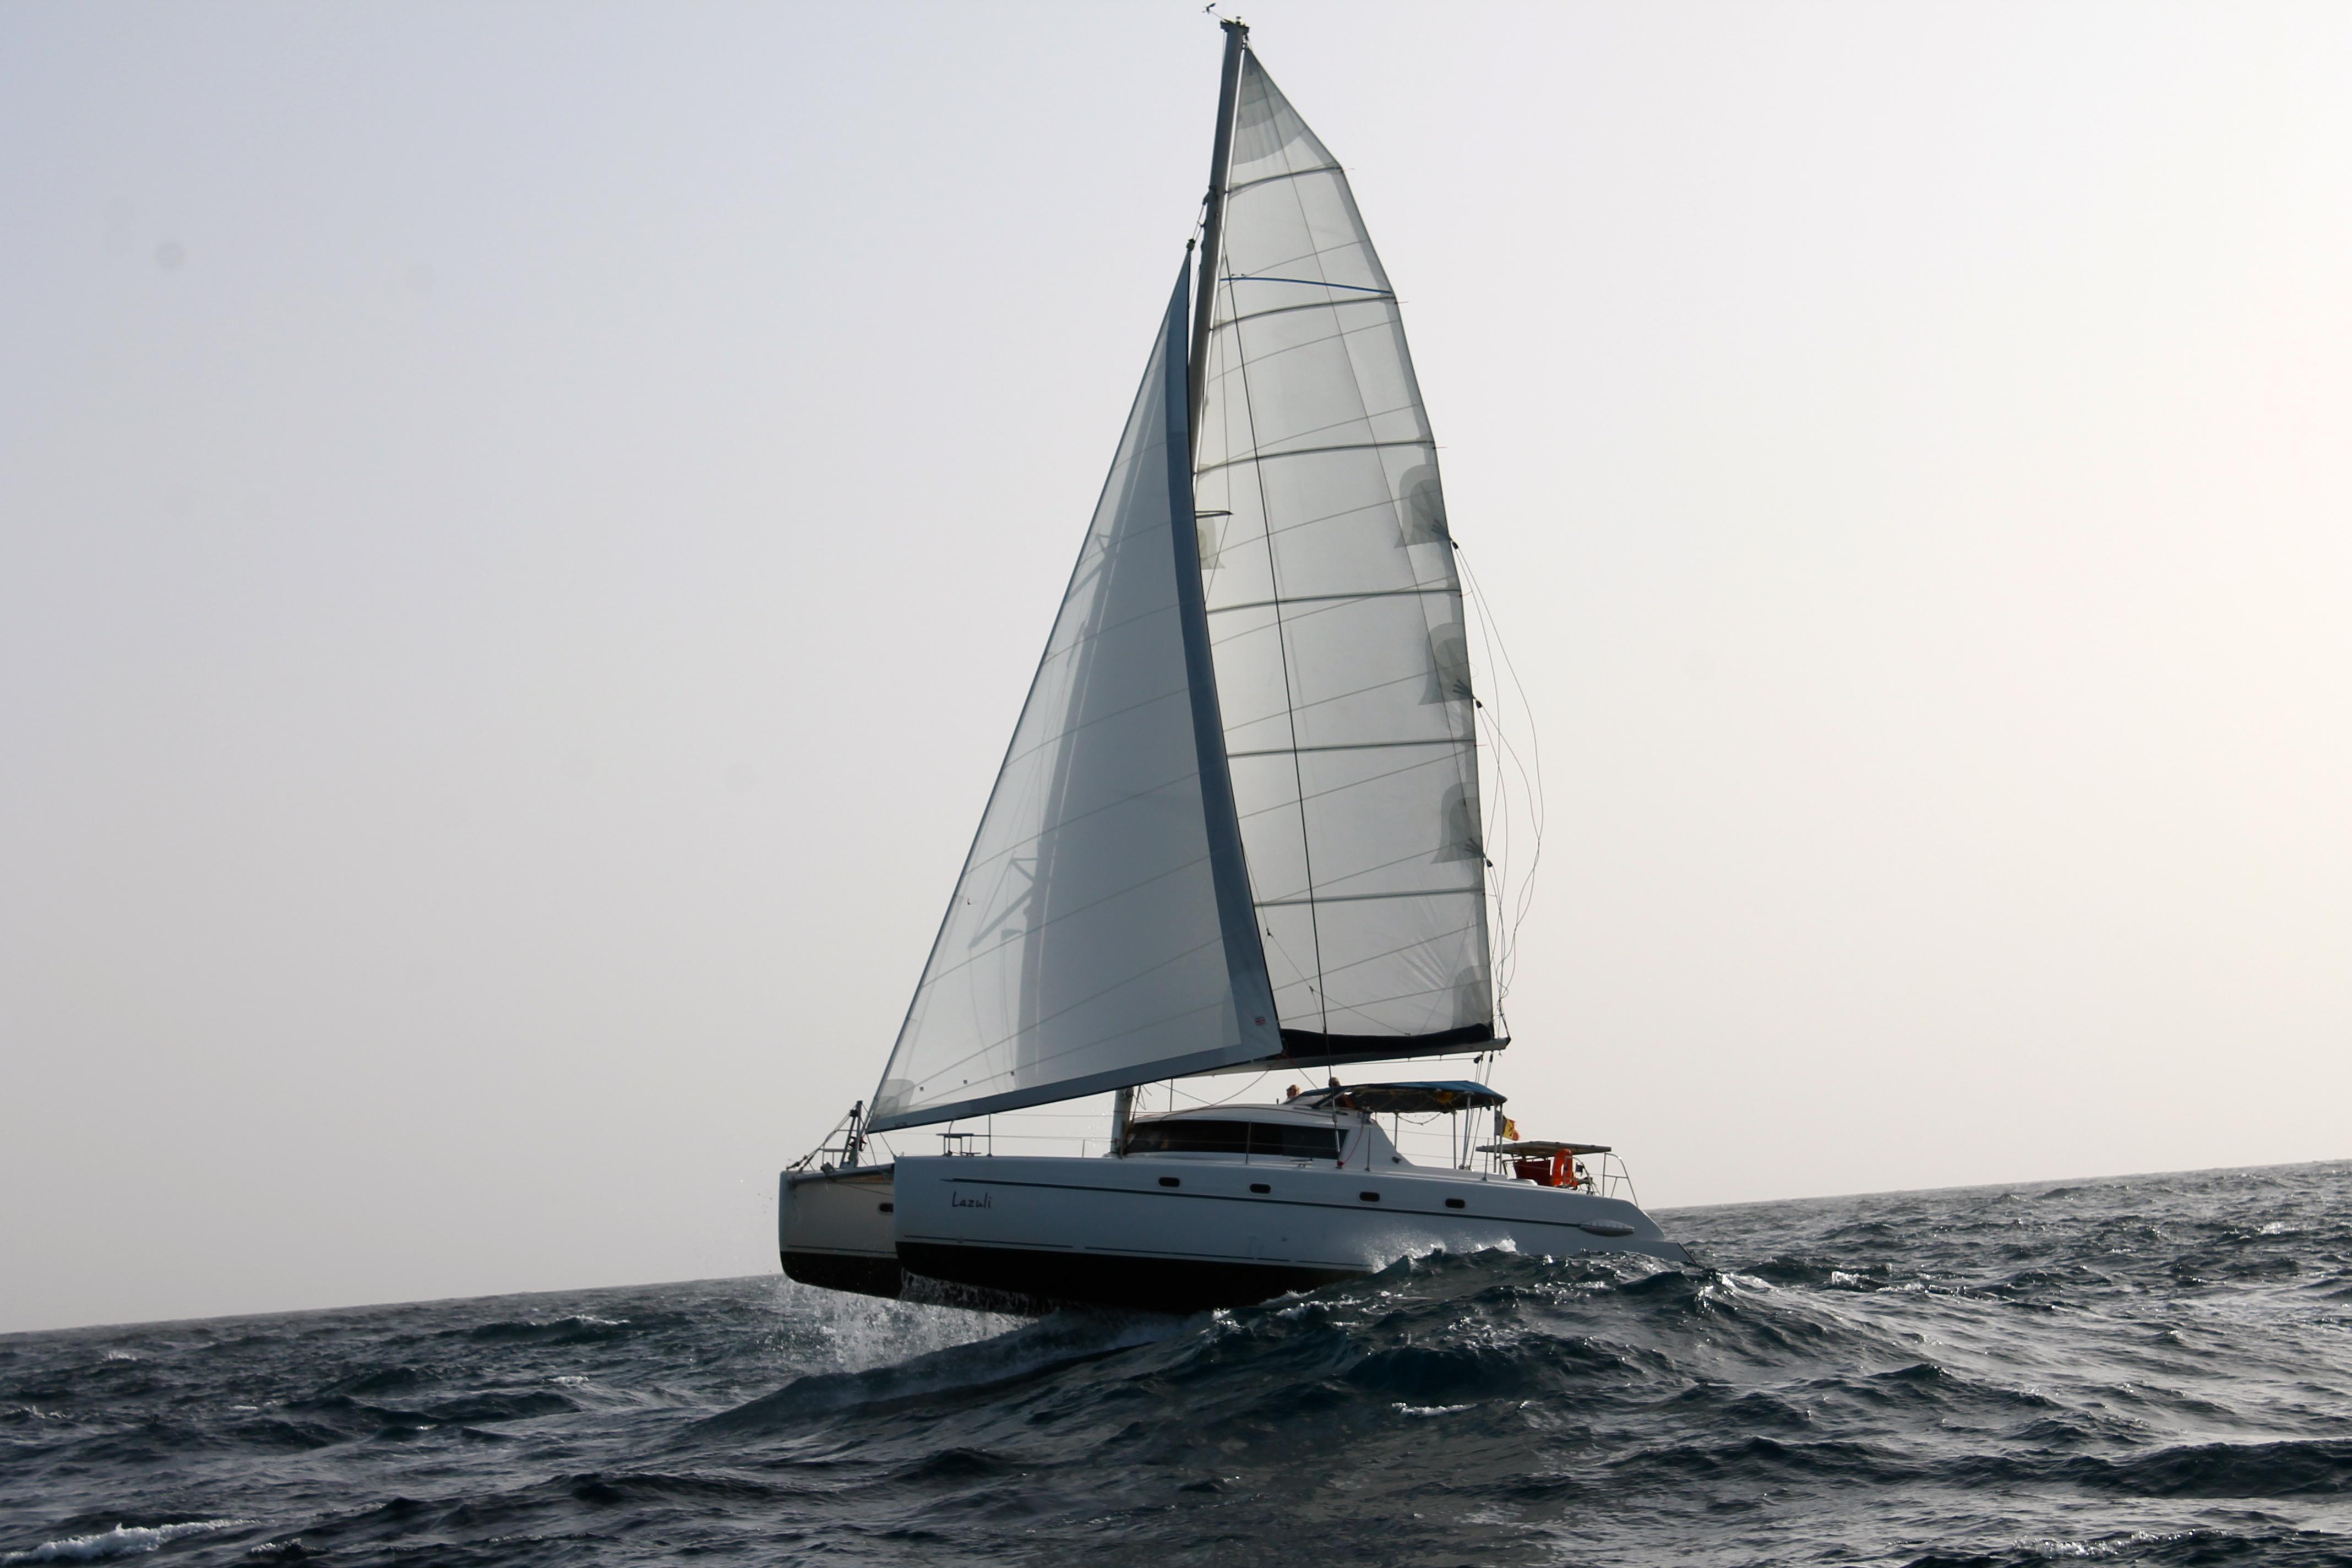 While sailing